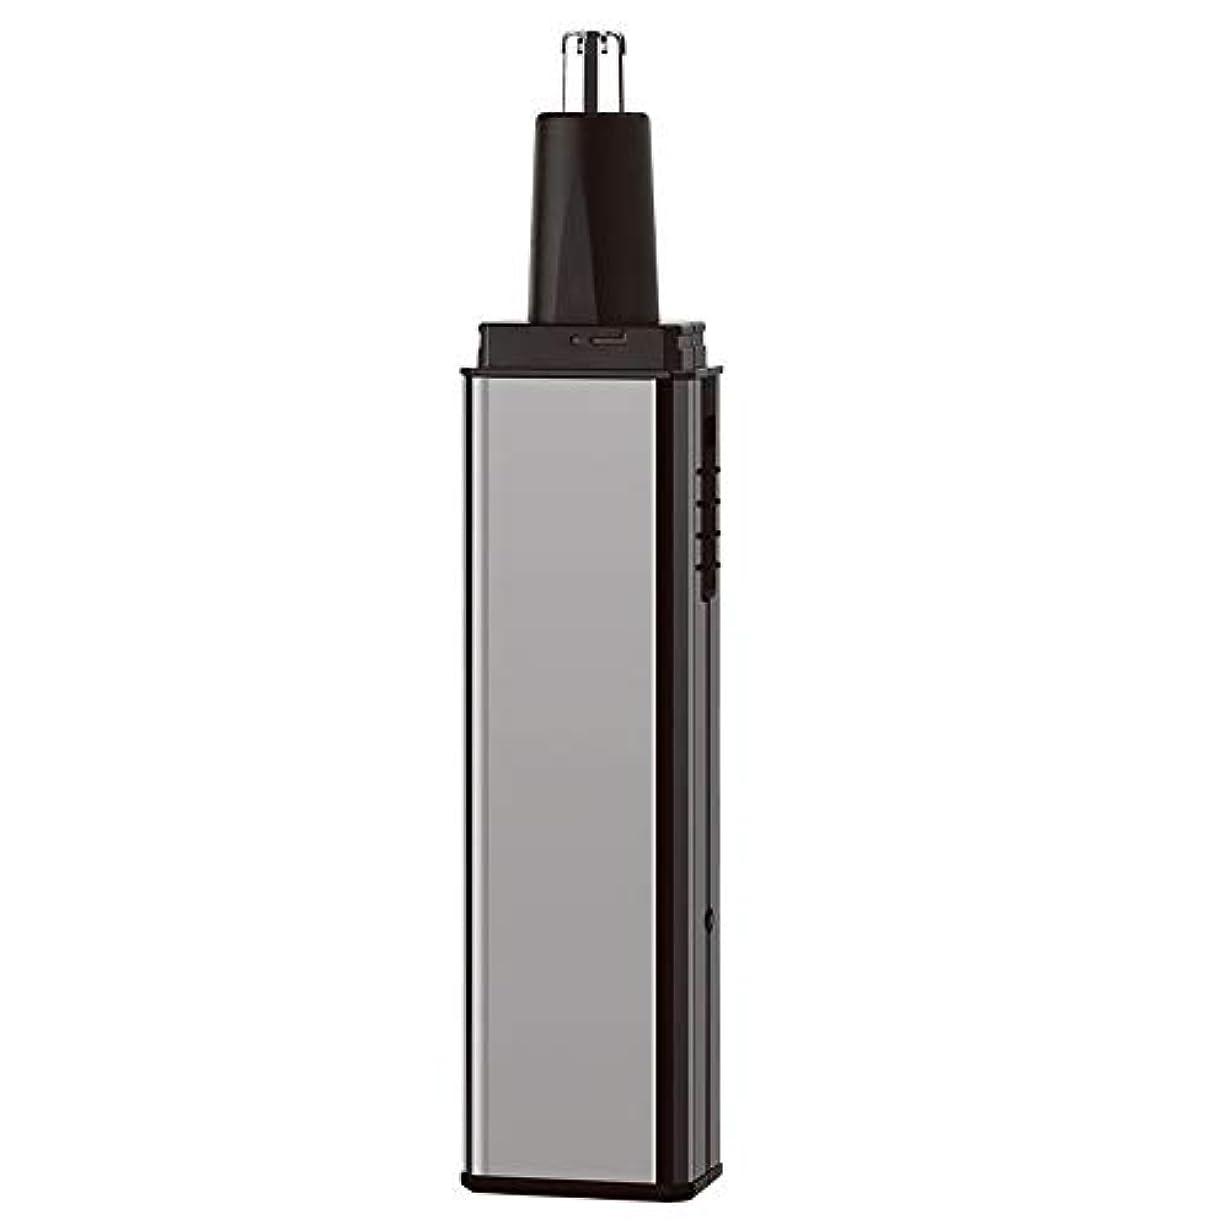 補助素晴らしき明らかに鼻毛トリマー-多機能スーツフォーインワン/電気鼻毛トリマー/ステンレススチール/多機能/ 13.5 * 2.7cm 使いやすい